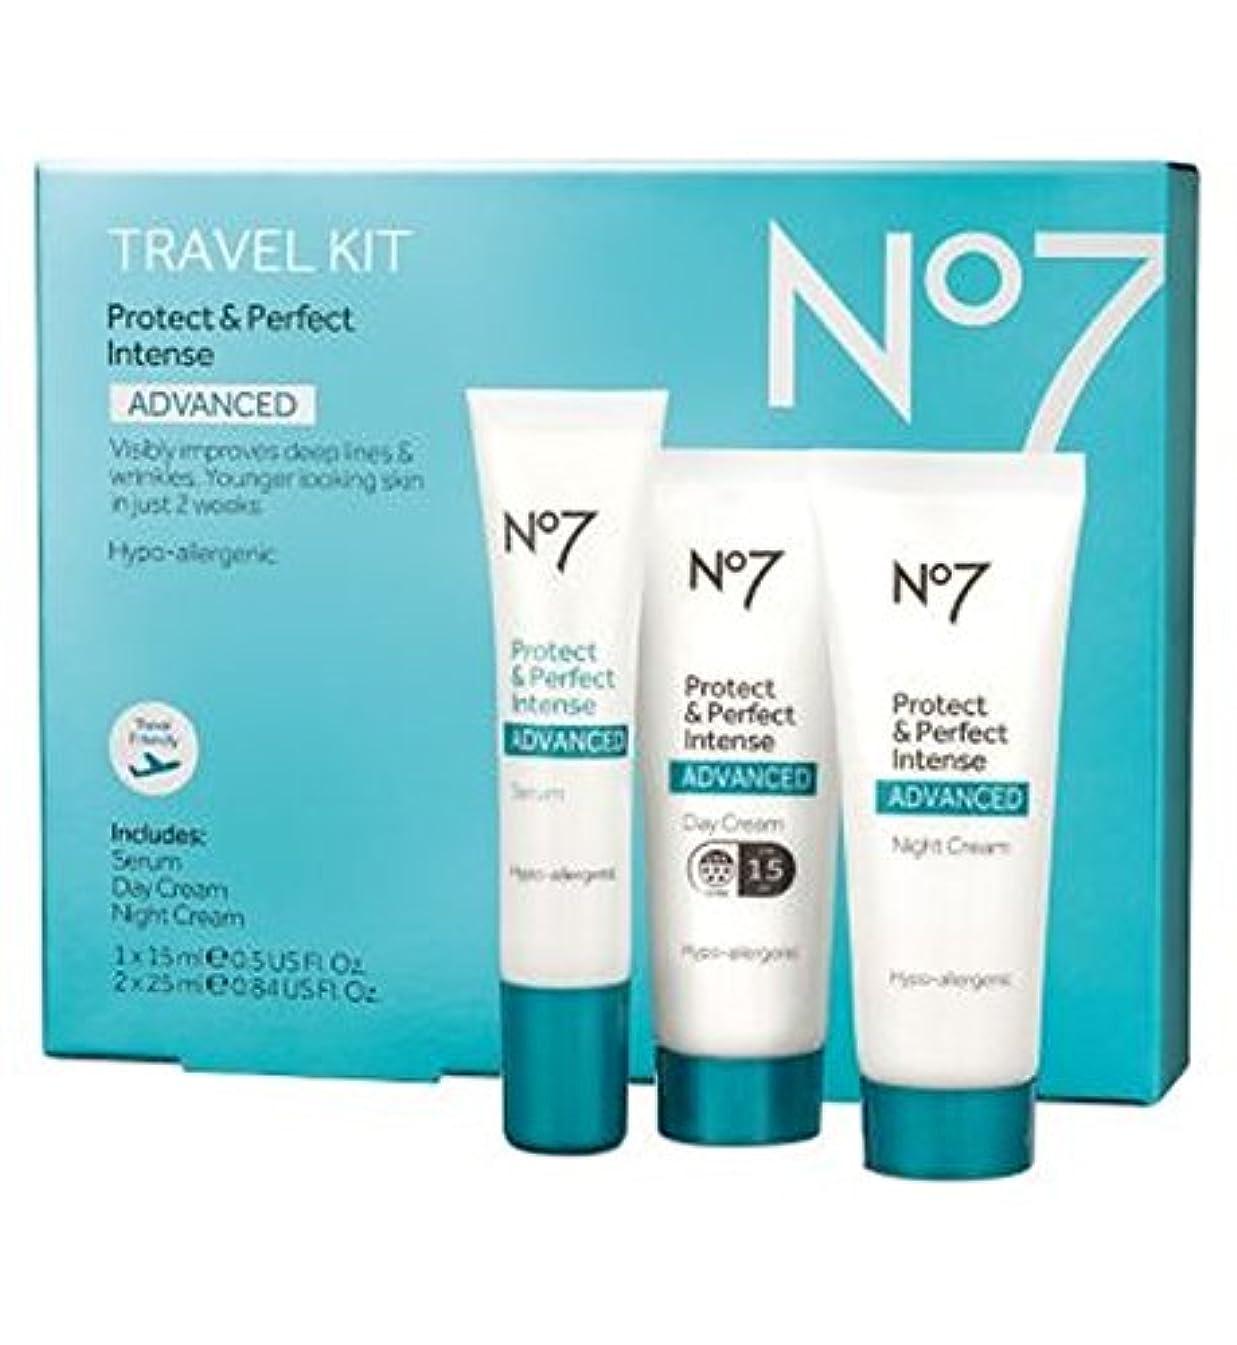 奨学金迷路タンパク質No7 Protect & Perfect Intense ADVANCED Travel Kit - No7保護&完璧な強烈な高度な旅行キット (No7) [並行輸入品]